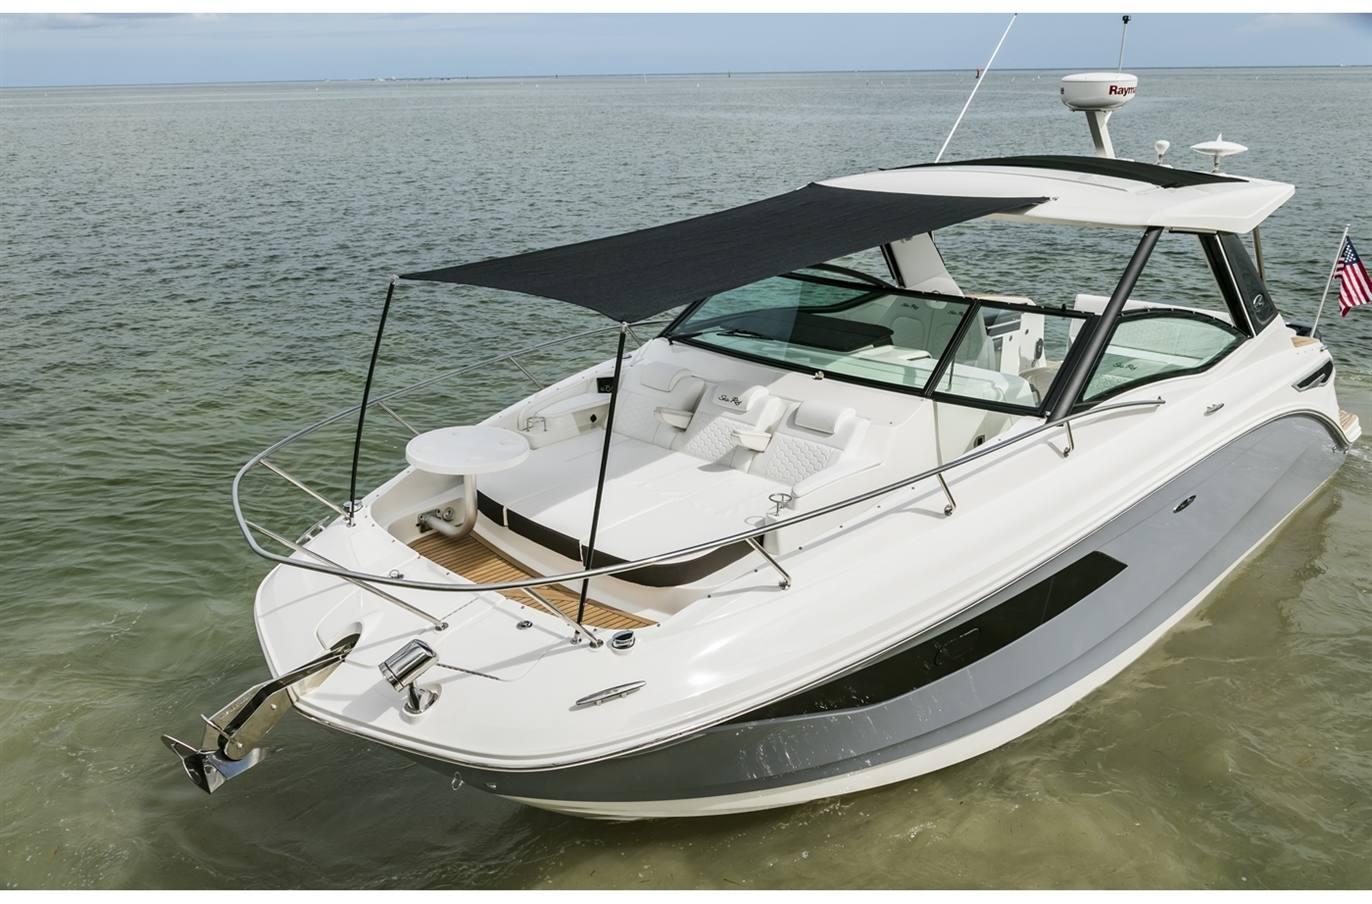 2018 Sea Ray Sundancer 320 Ob For Sale In Naperville Il Fox Valley